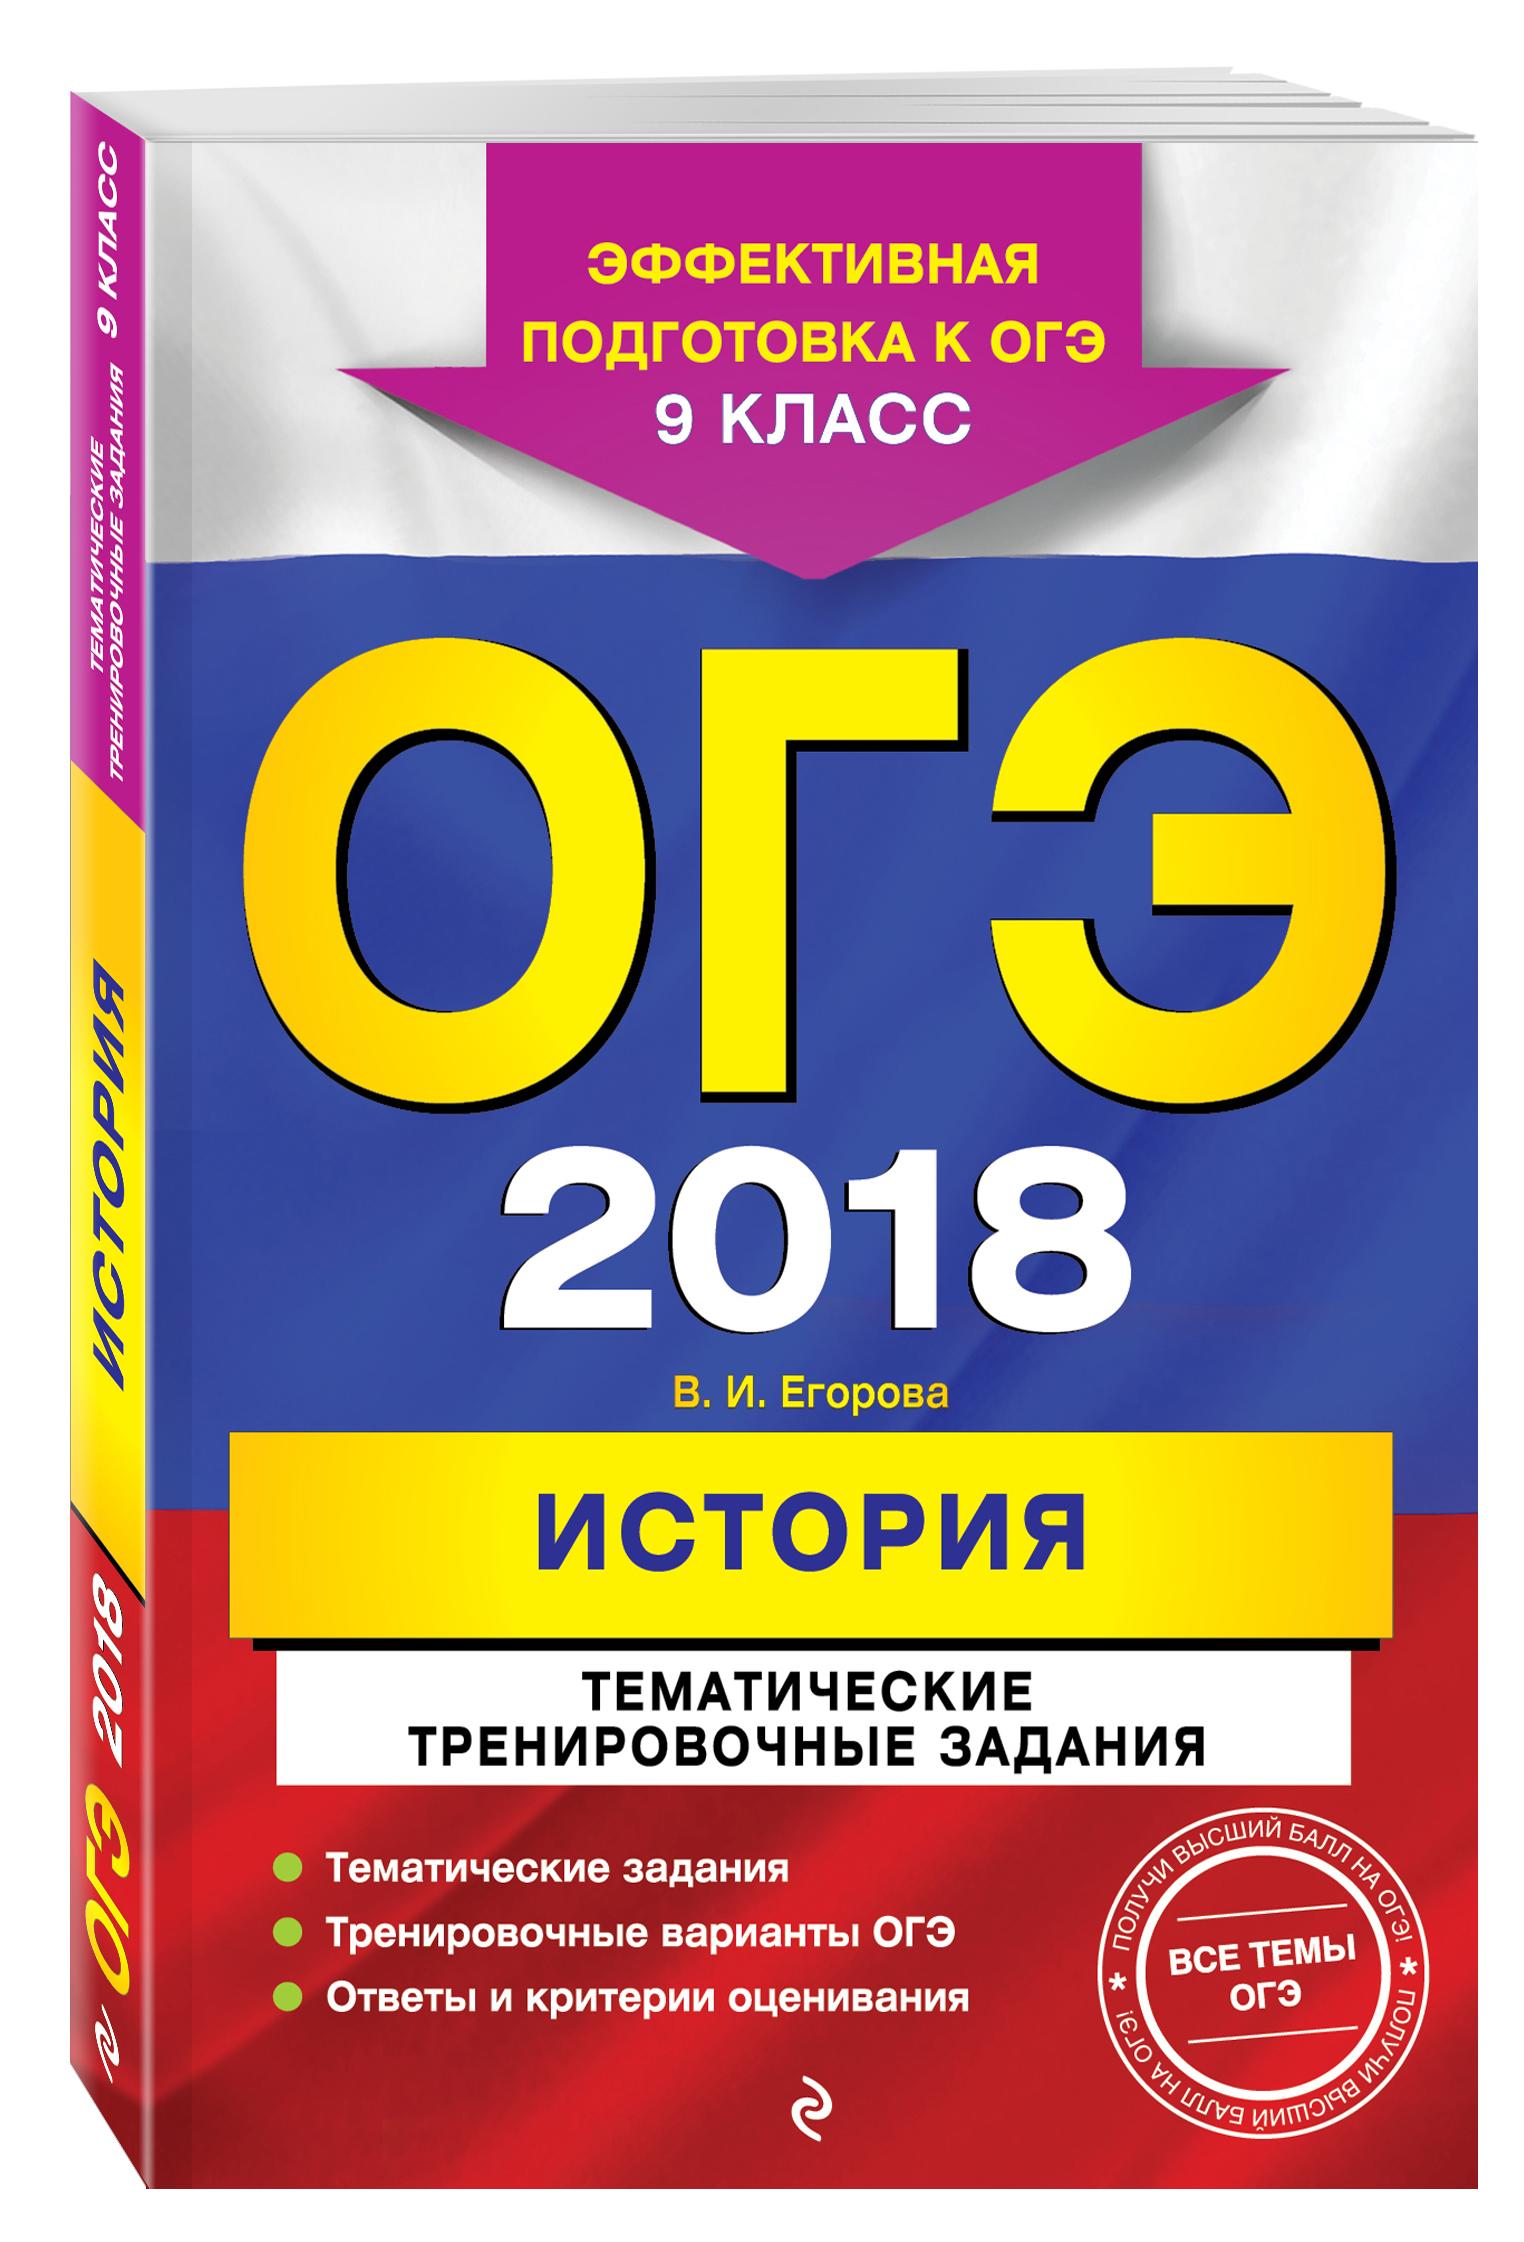 ОГЭ-2018. История. Тематические тренировочные задания. 9 класс ( Егорова В.И.  )